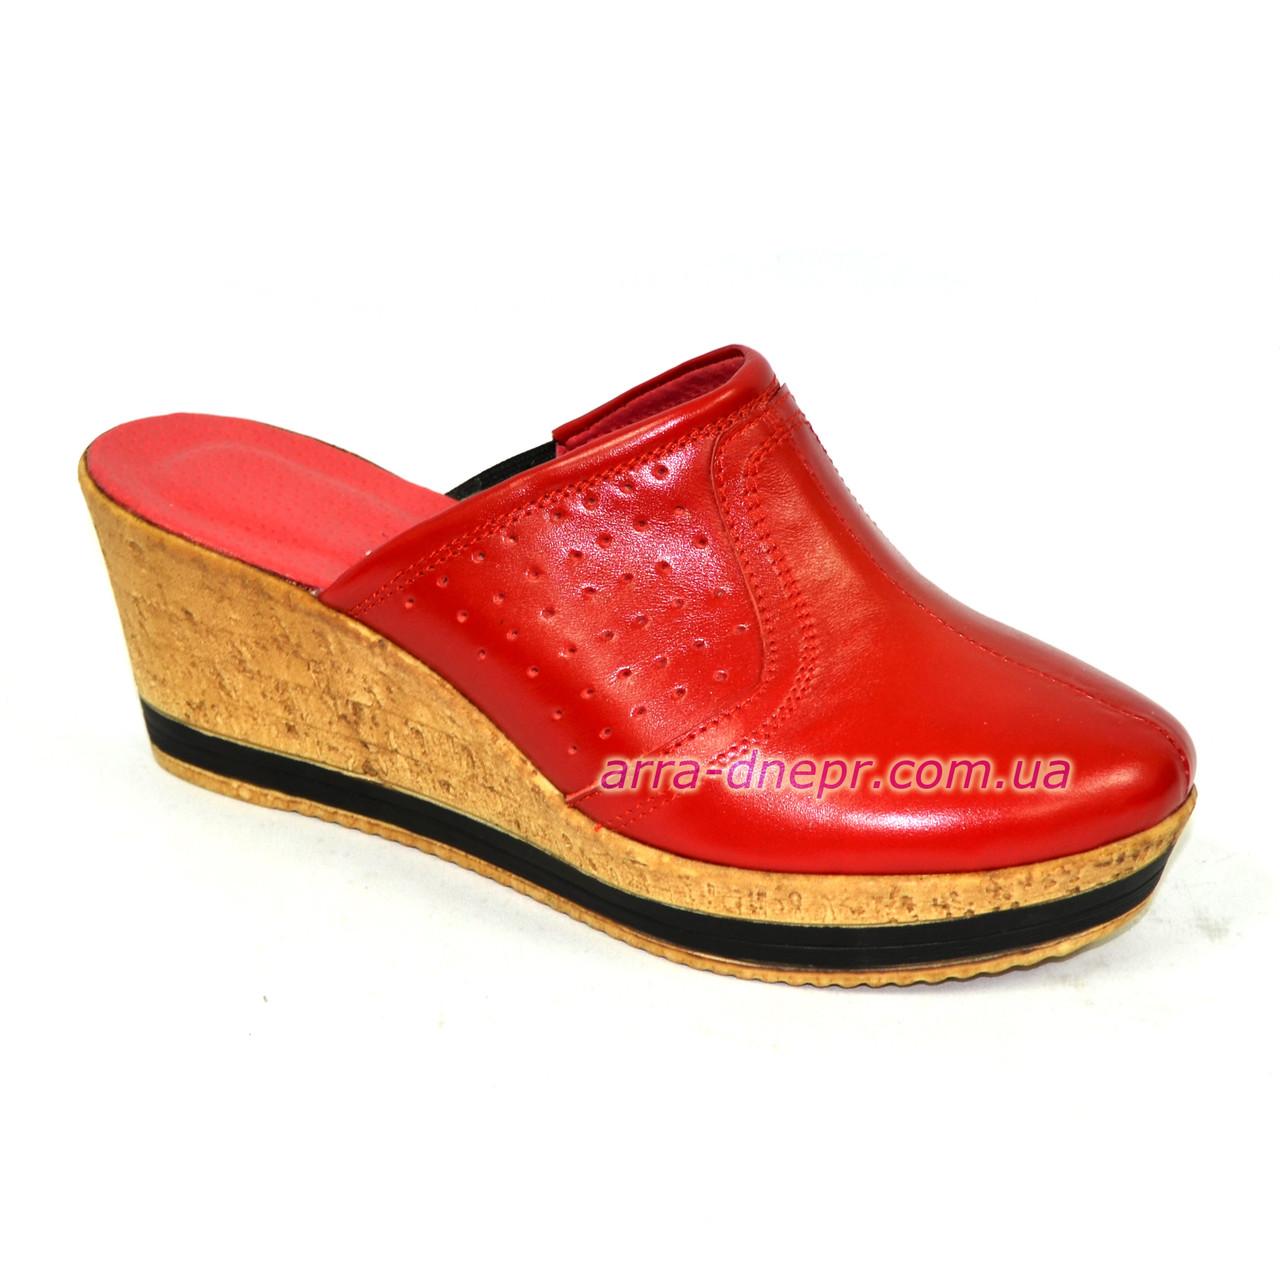 Сабо женские кожаные красного цвета на платформе